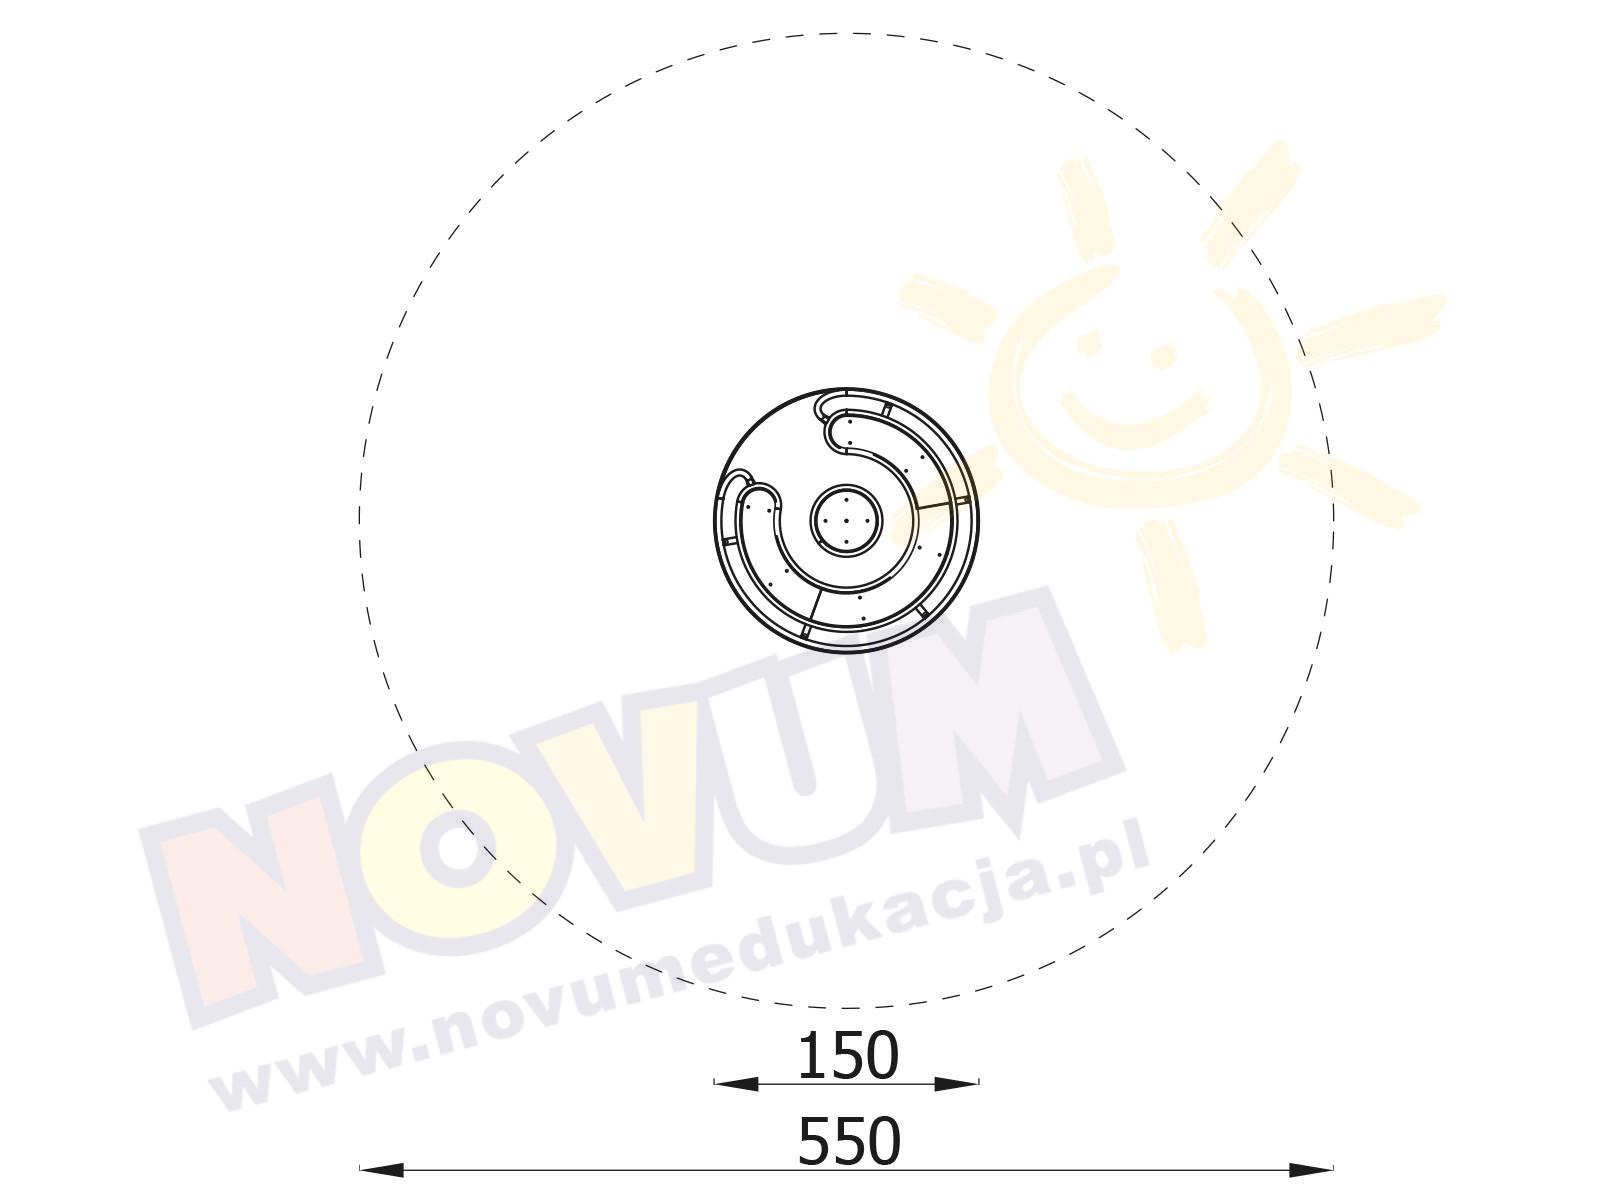 Karuzela tarczowa śr. 150 z siedziskami